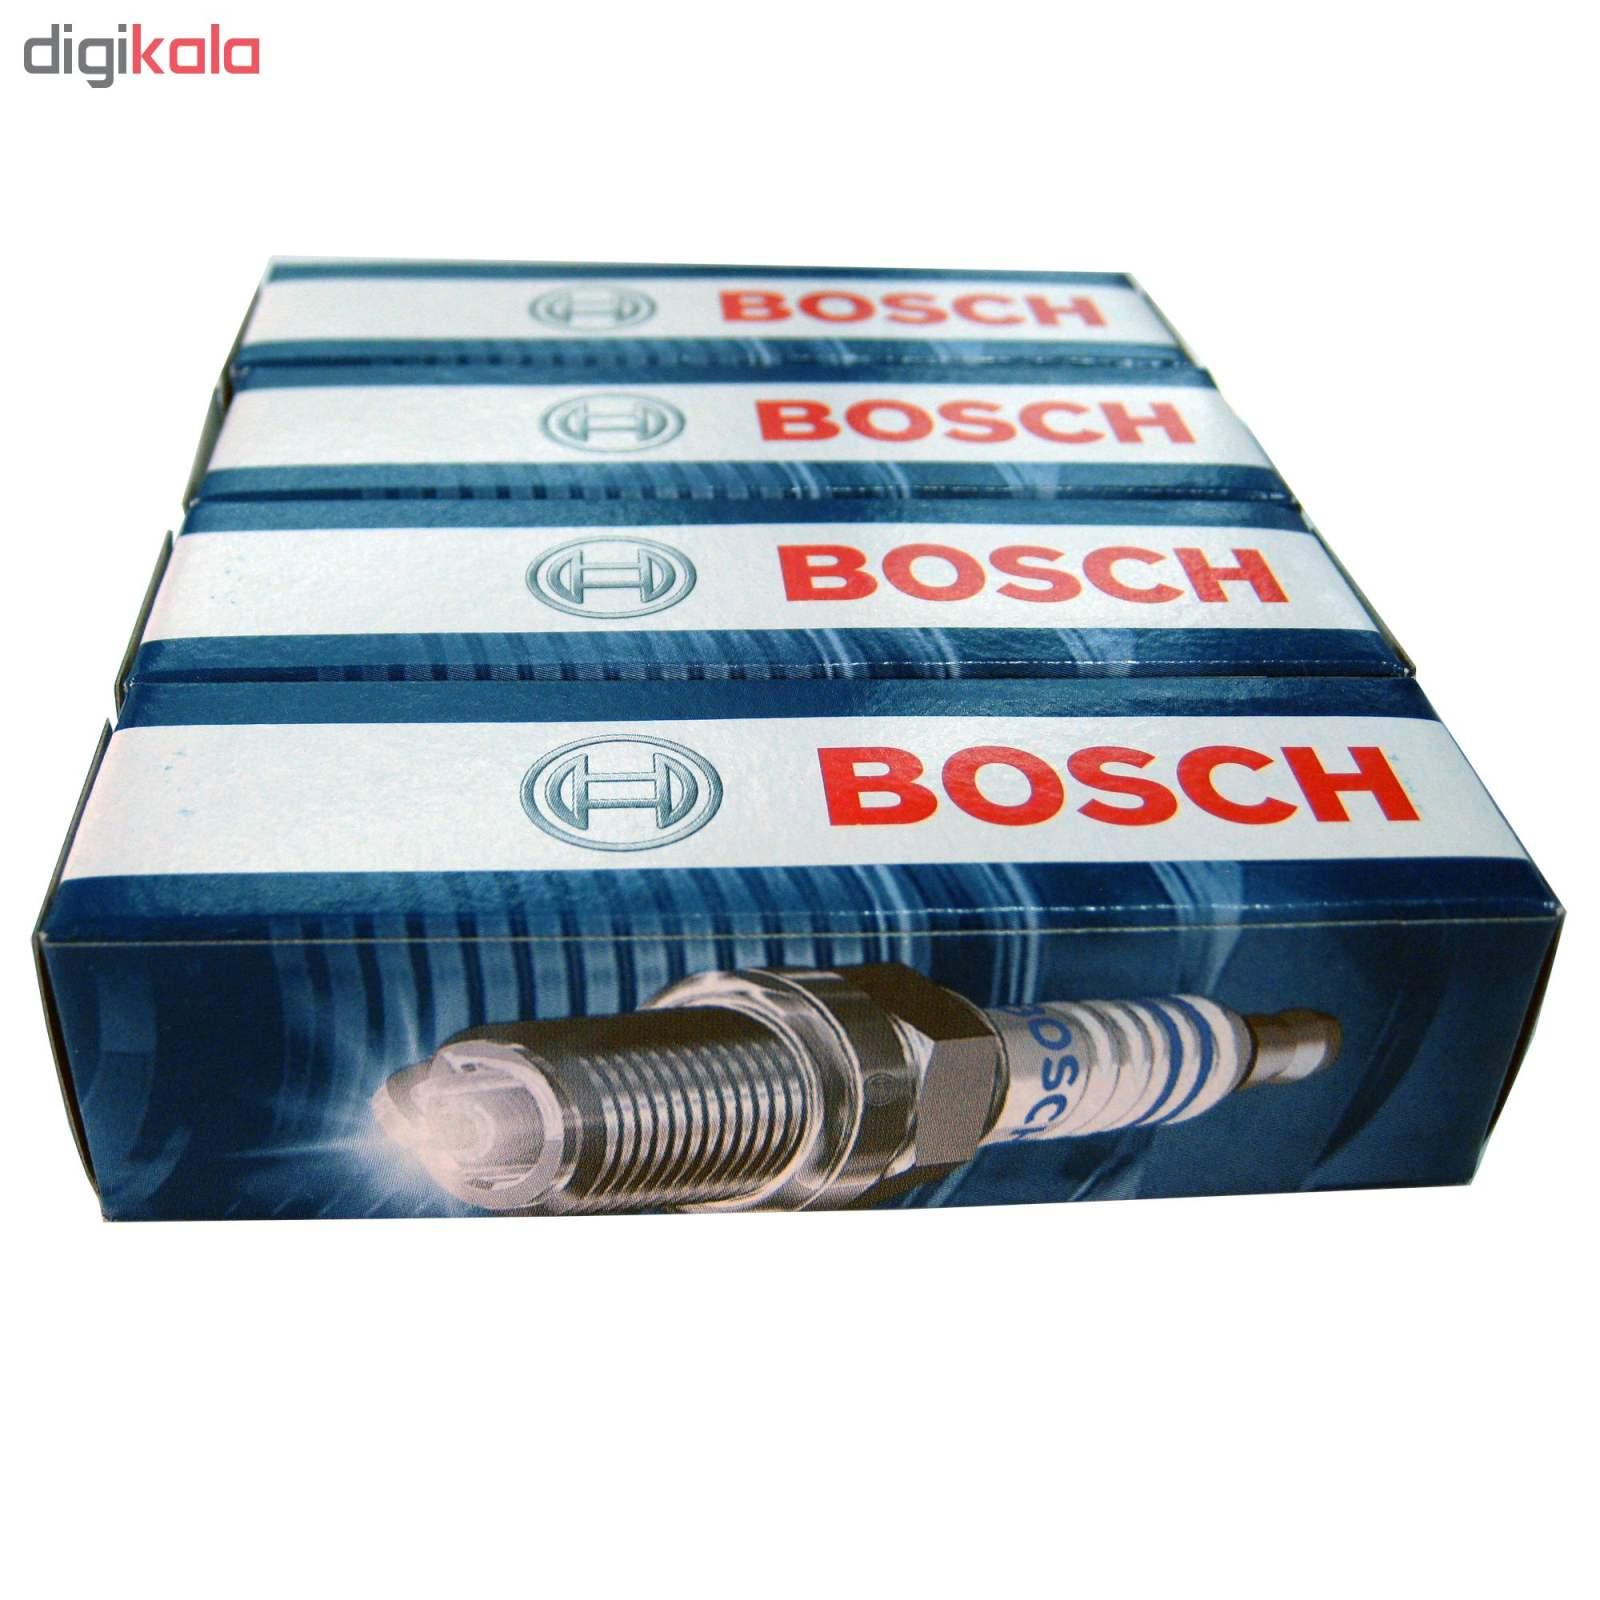 شمع خودرو بوش مدل Plus 8 بسته 4 عددی main 1 4